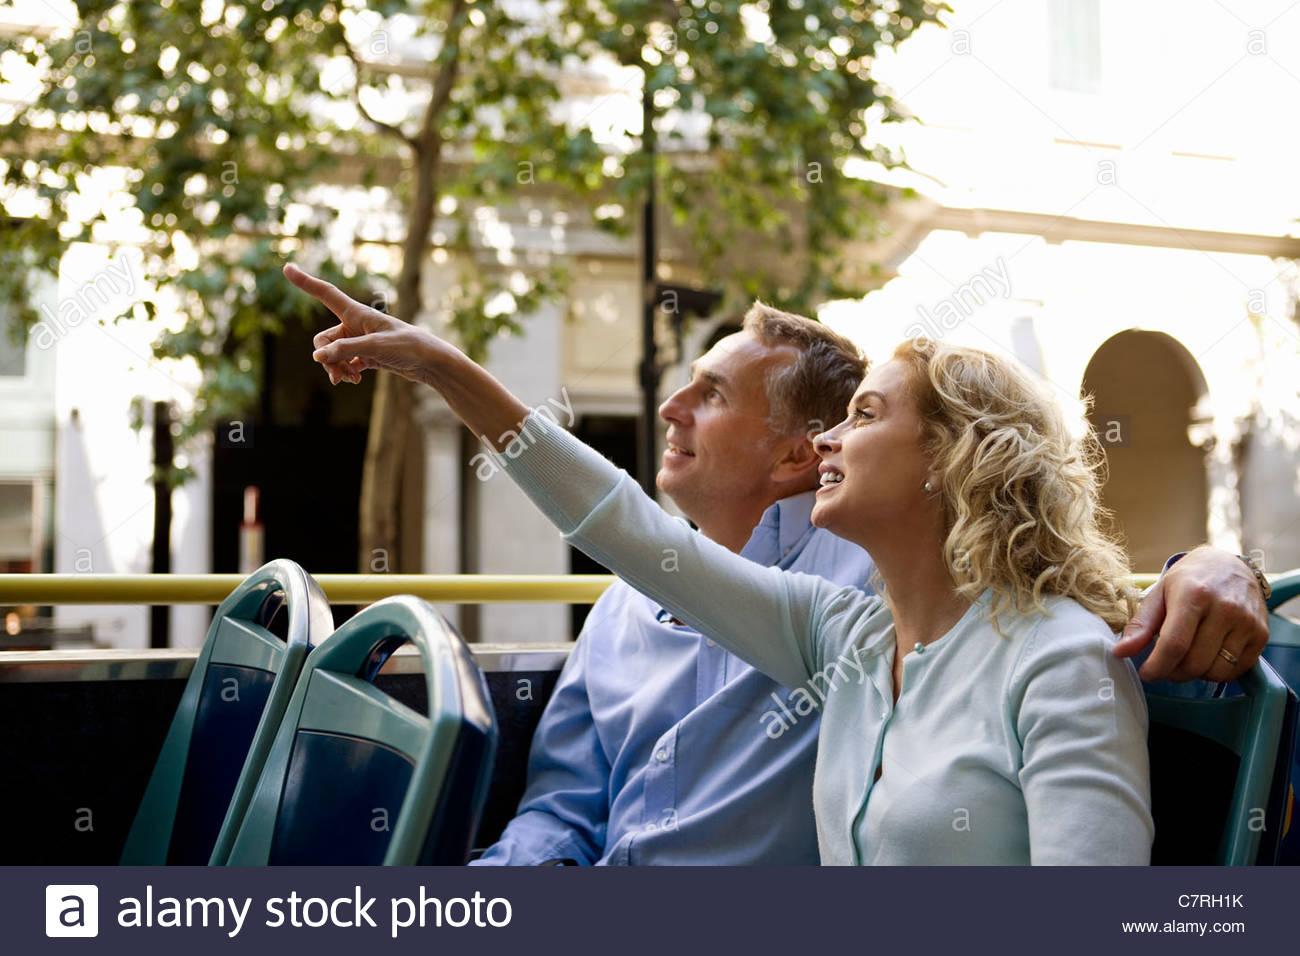 Ein paar mittleren Alters sitzen auf einem Sightseeing-Bus, bewundern Sie die Aussicht Stockbild